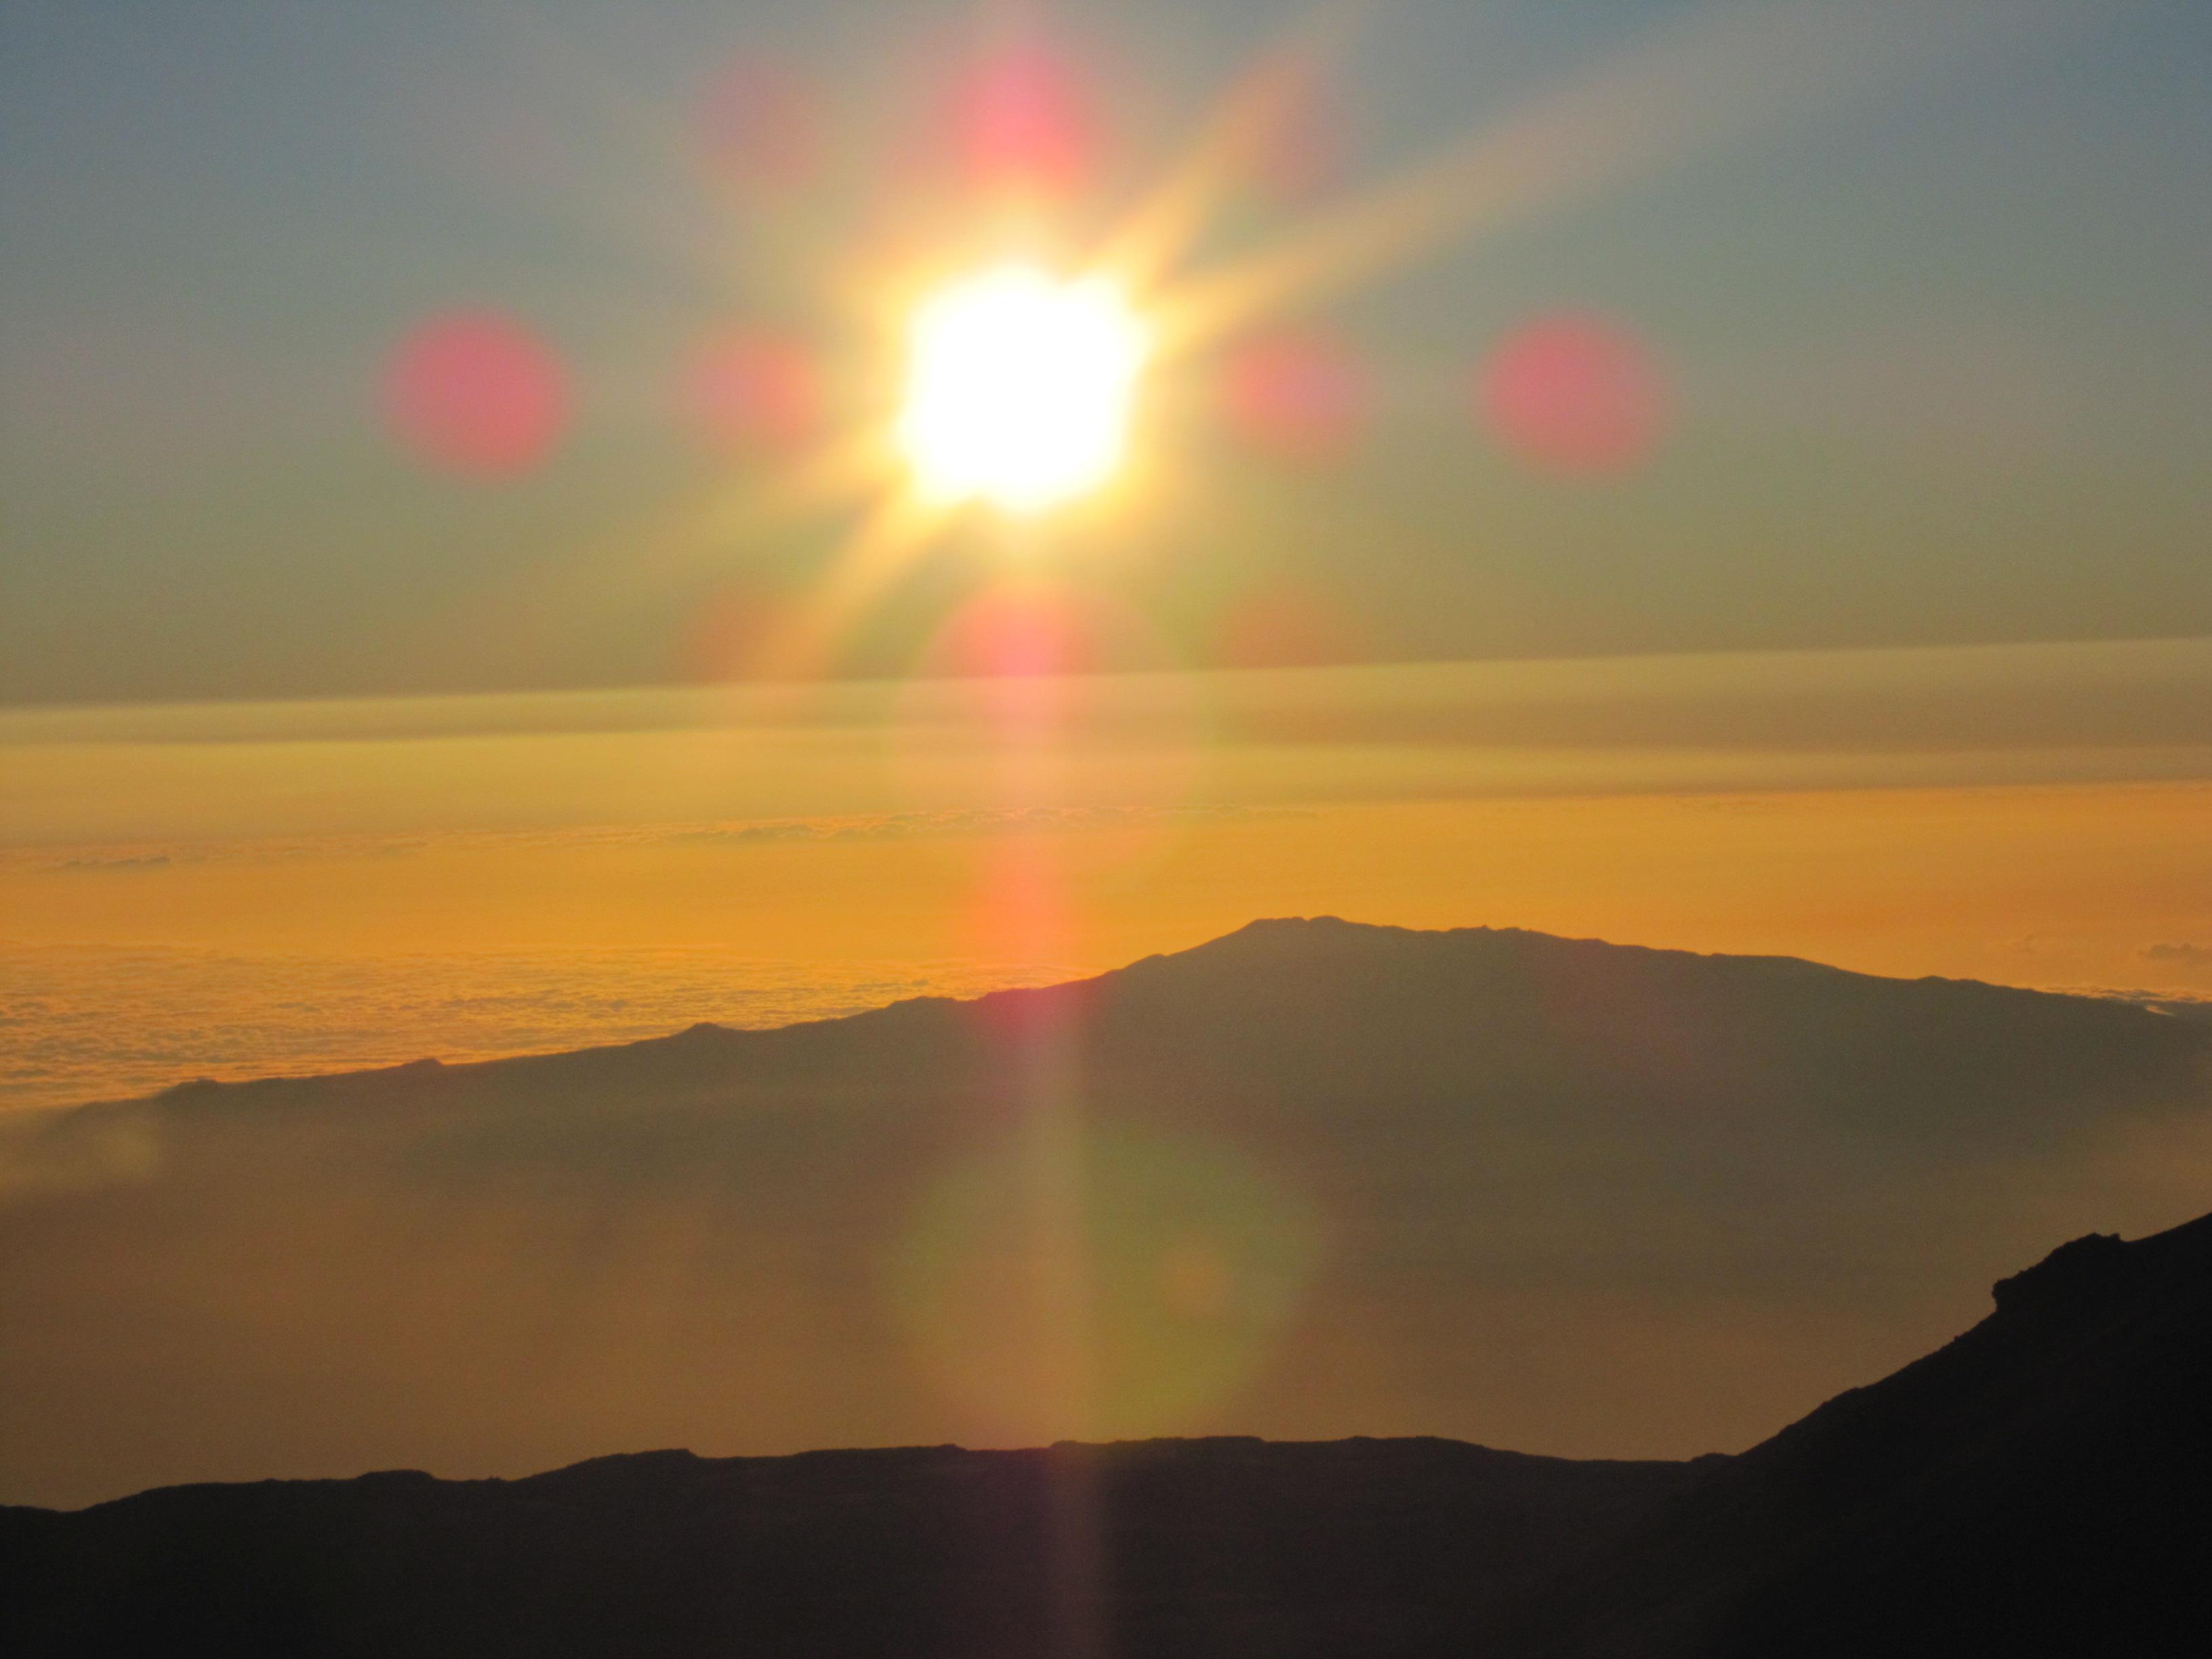 1ハワイ島マウナケア夕陽 (323)